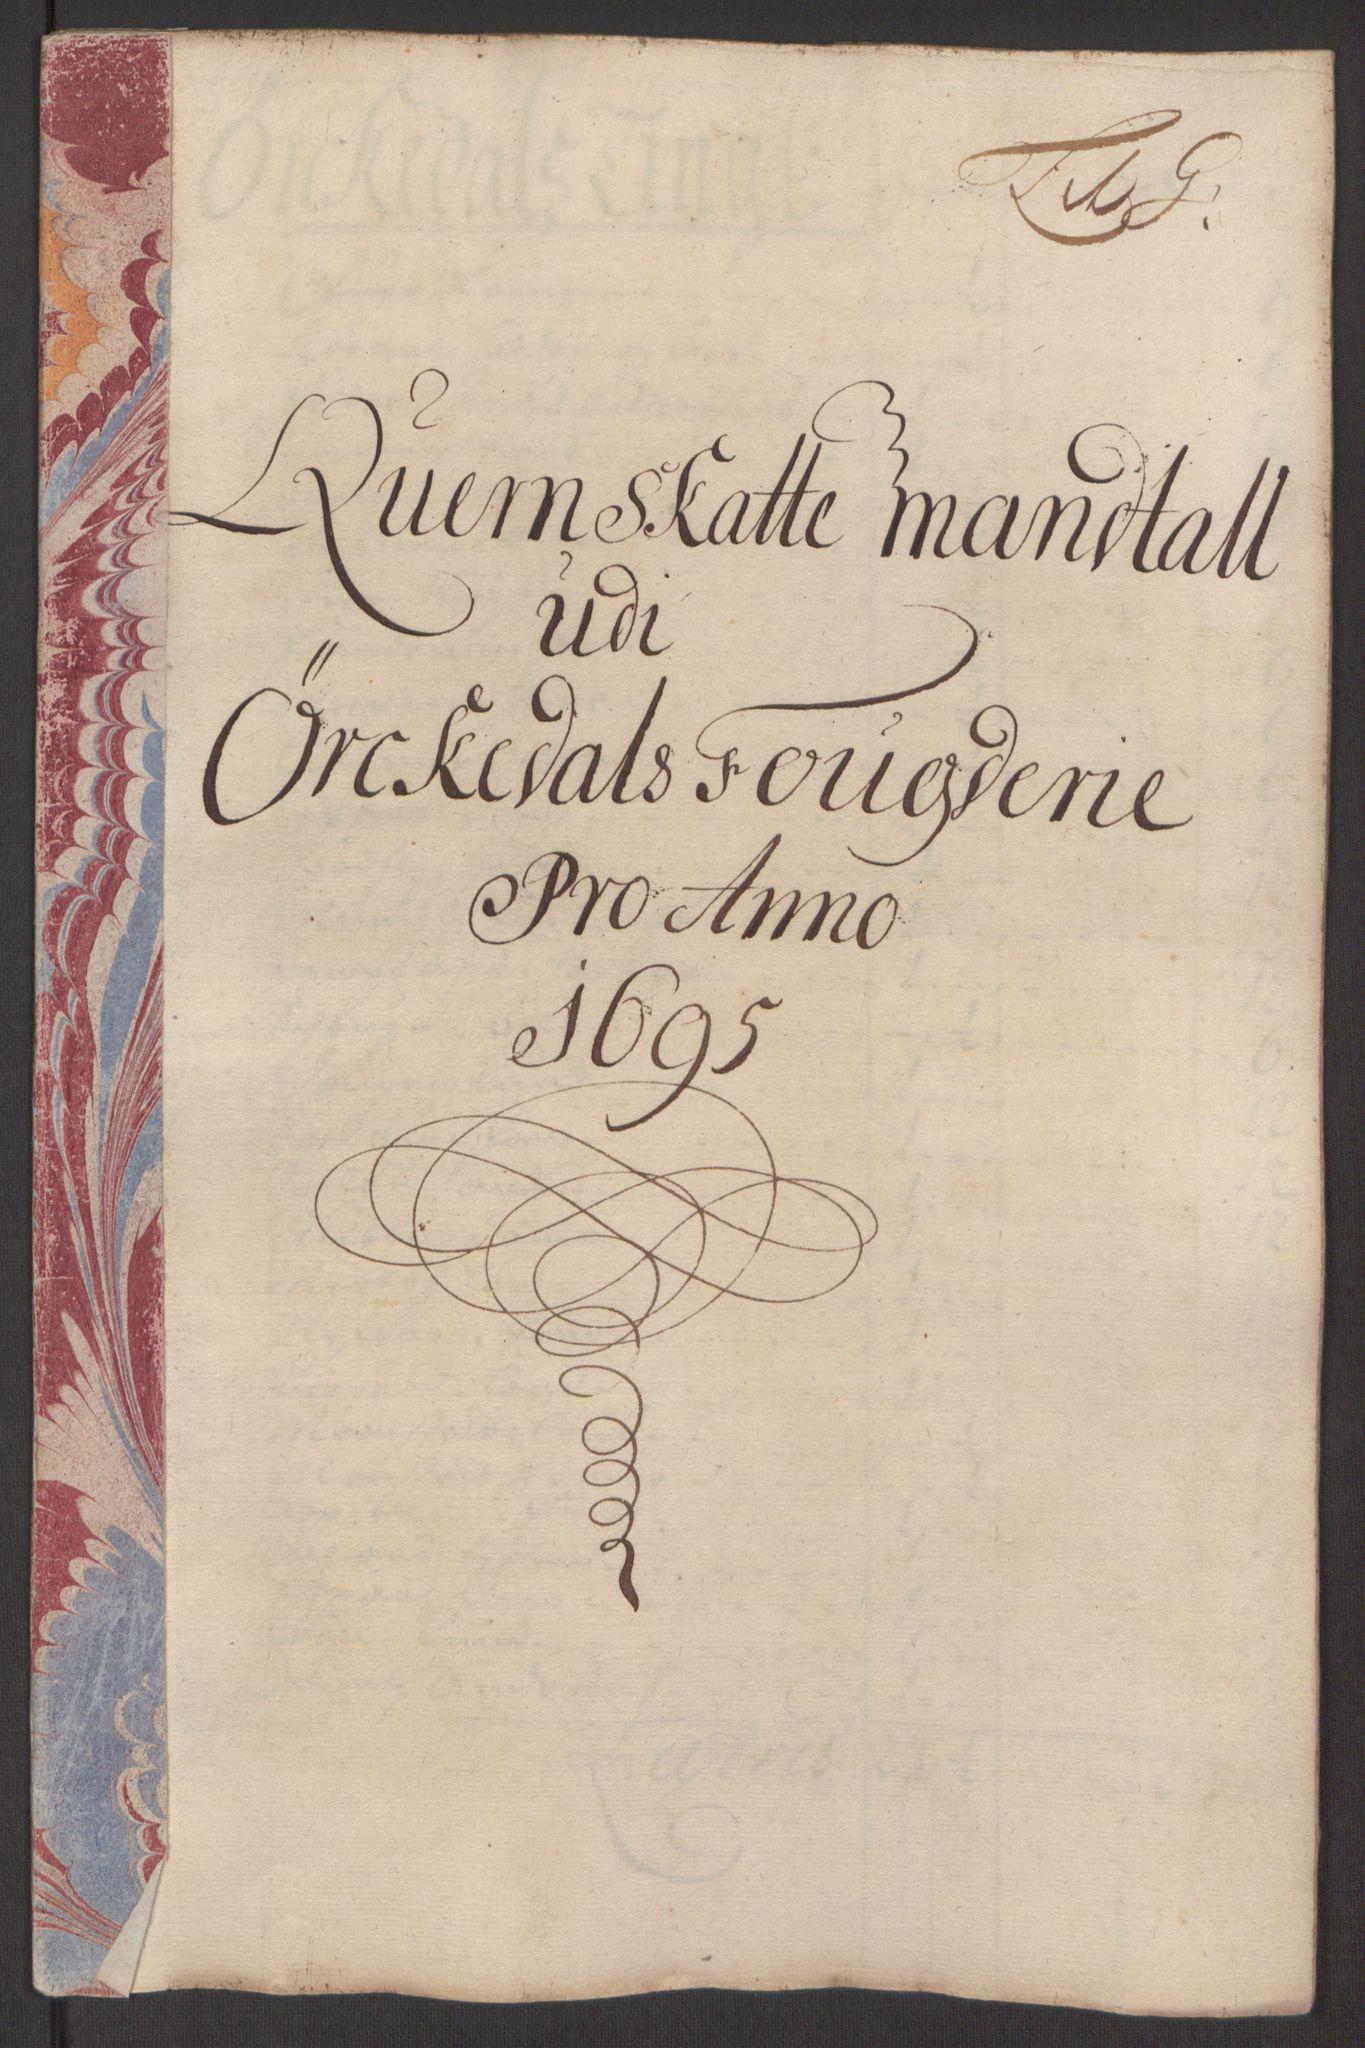 RA, Rentekammeret inntil 1814, Reviderte regnskaper, Fogderegnskap, R60/L3945: Fogderegnskap Orkdal og Gauldal, 1695, s. 148